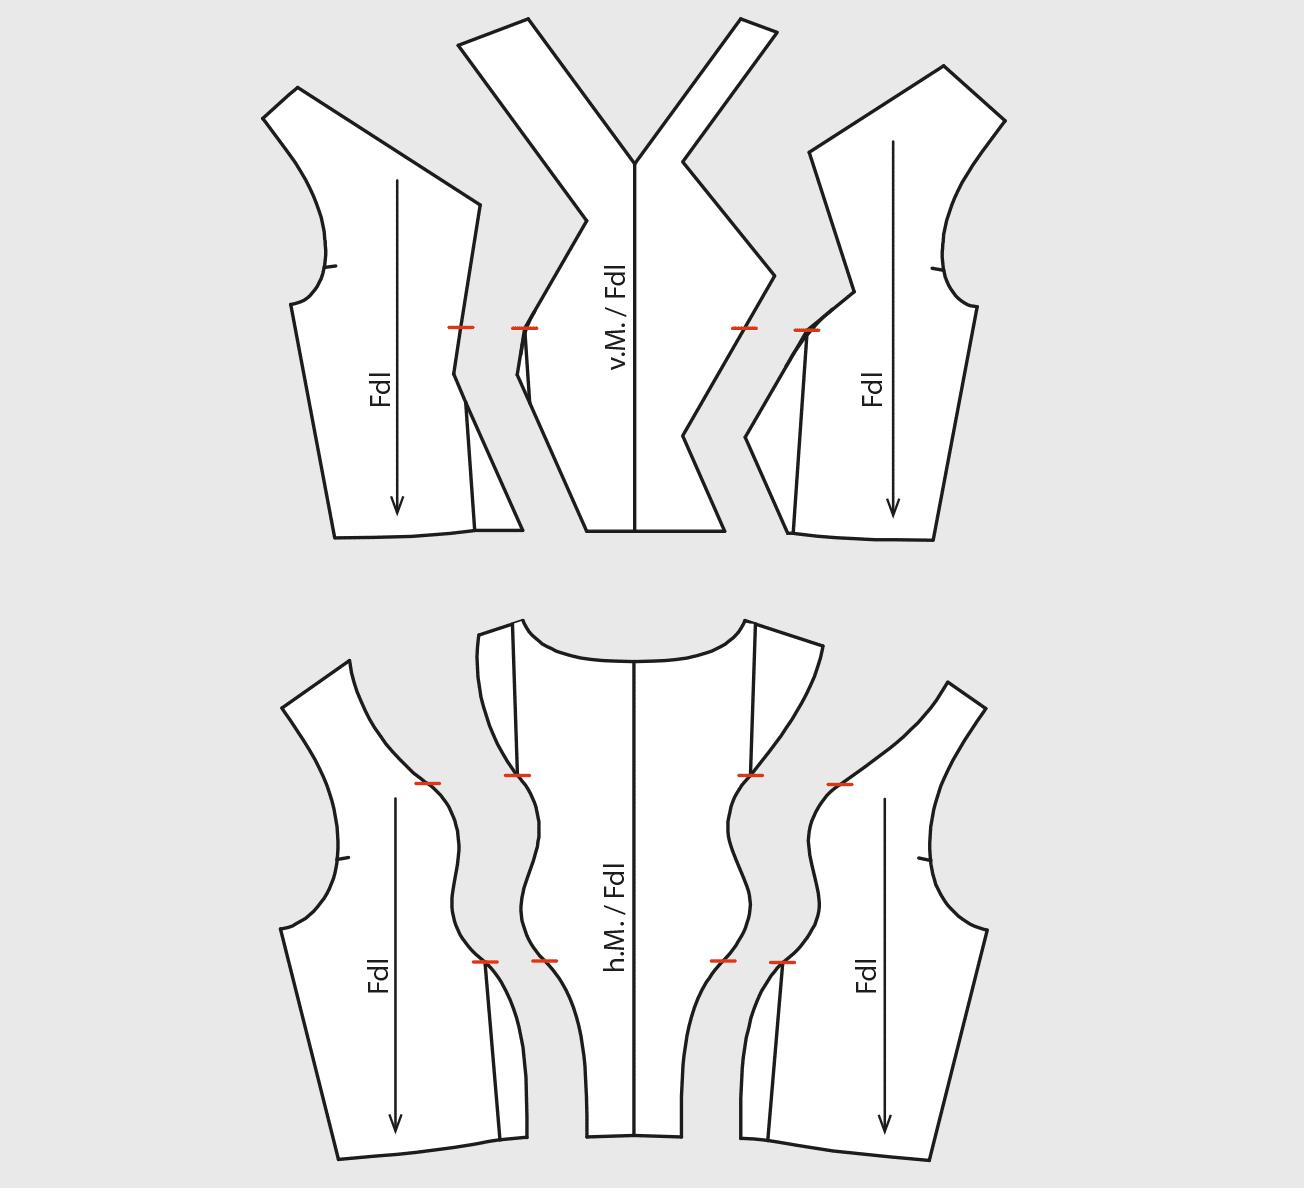 Zu sehen sind die einzelnen Schnittteile von der Schnitt Drapage mit Shingo Sato.